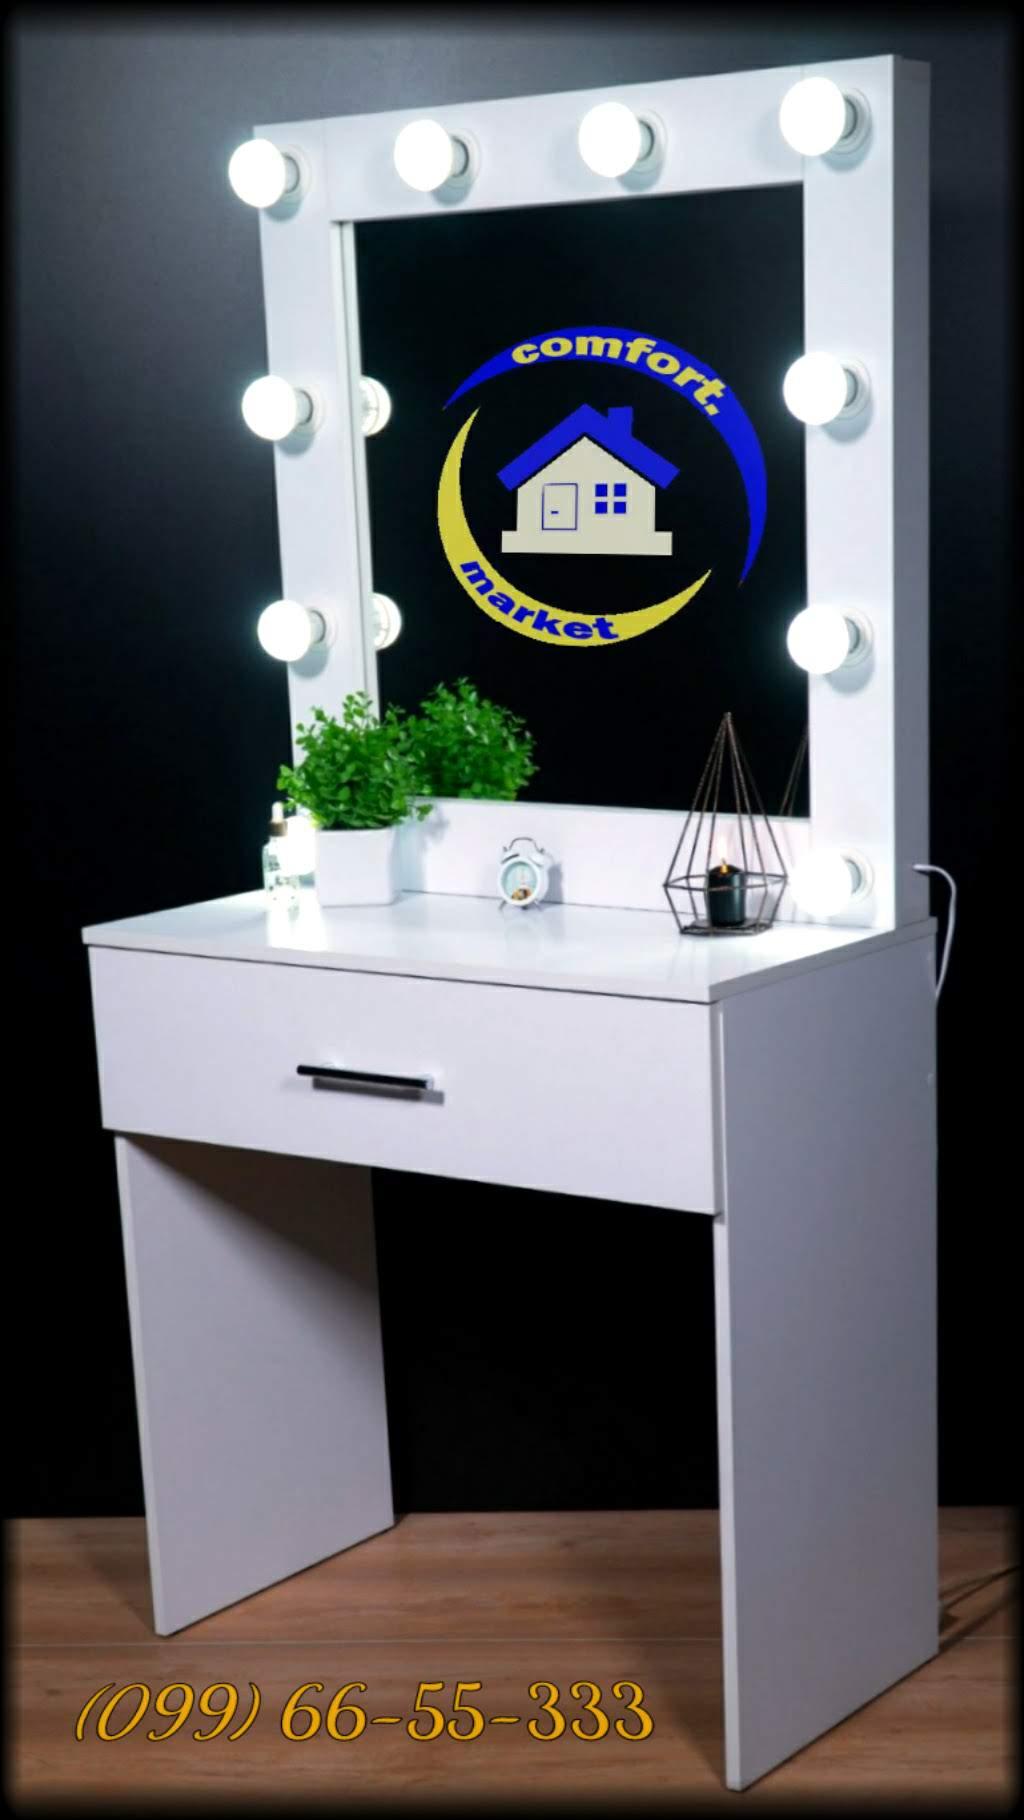 Белый гримерный столик с ящиком и зеркало визажиста с подсветкой лампочками - рабочее место мастера красоты, мебель для салона.